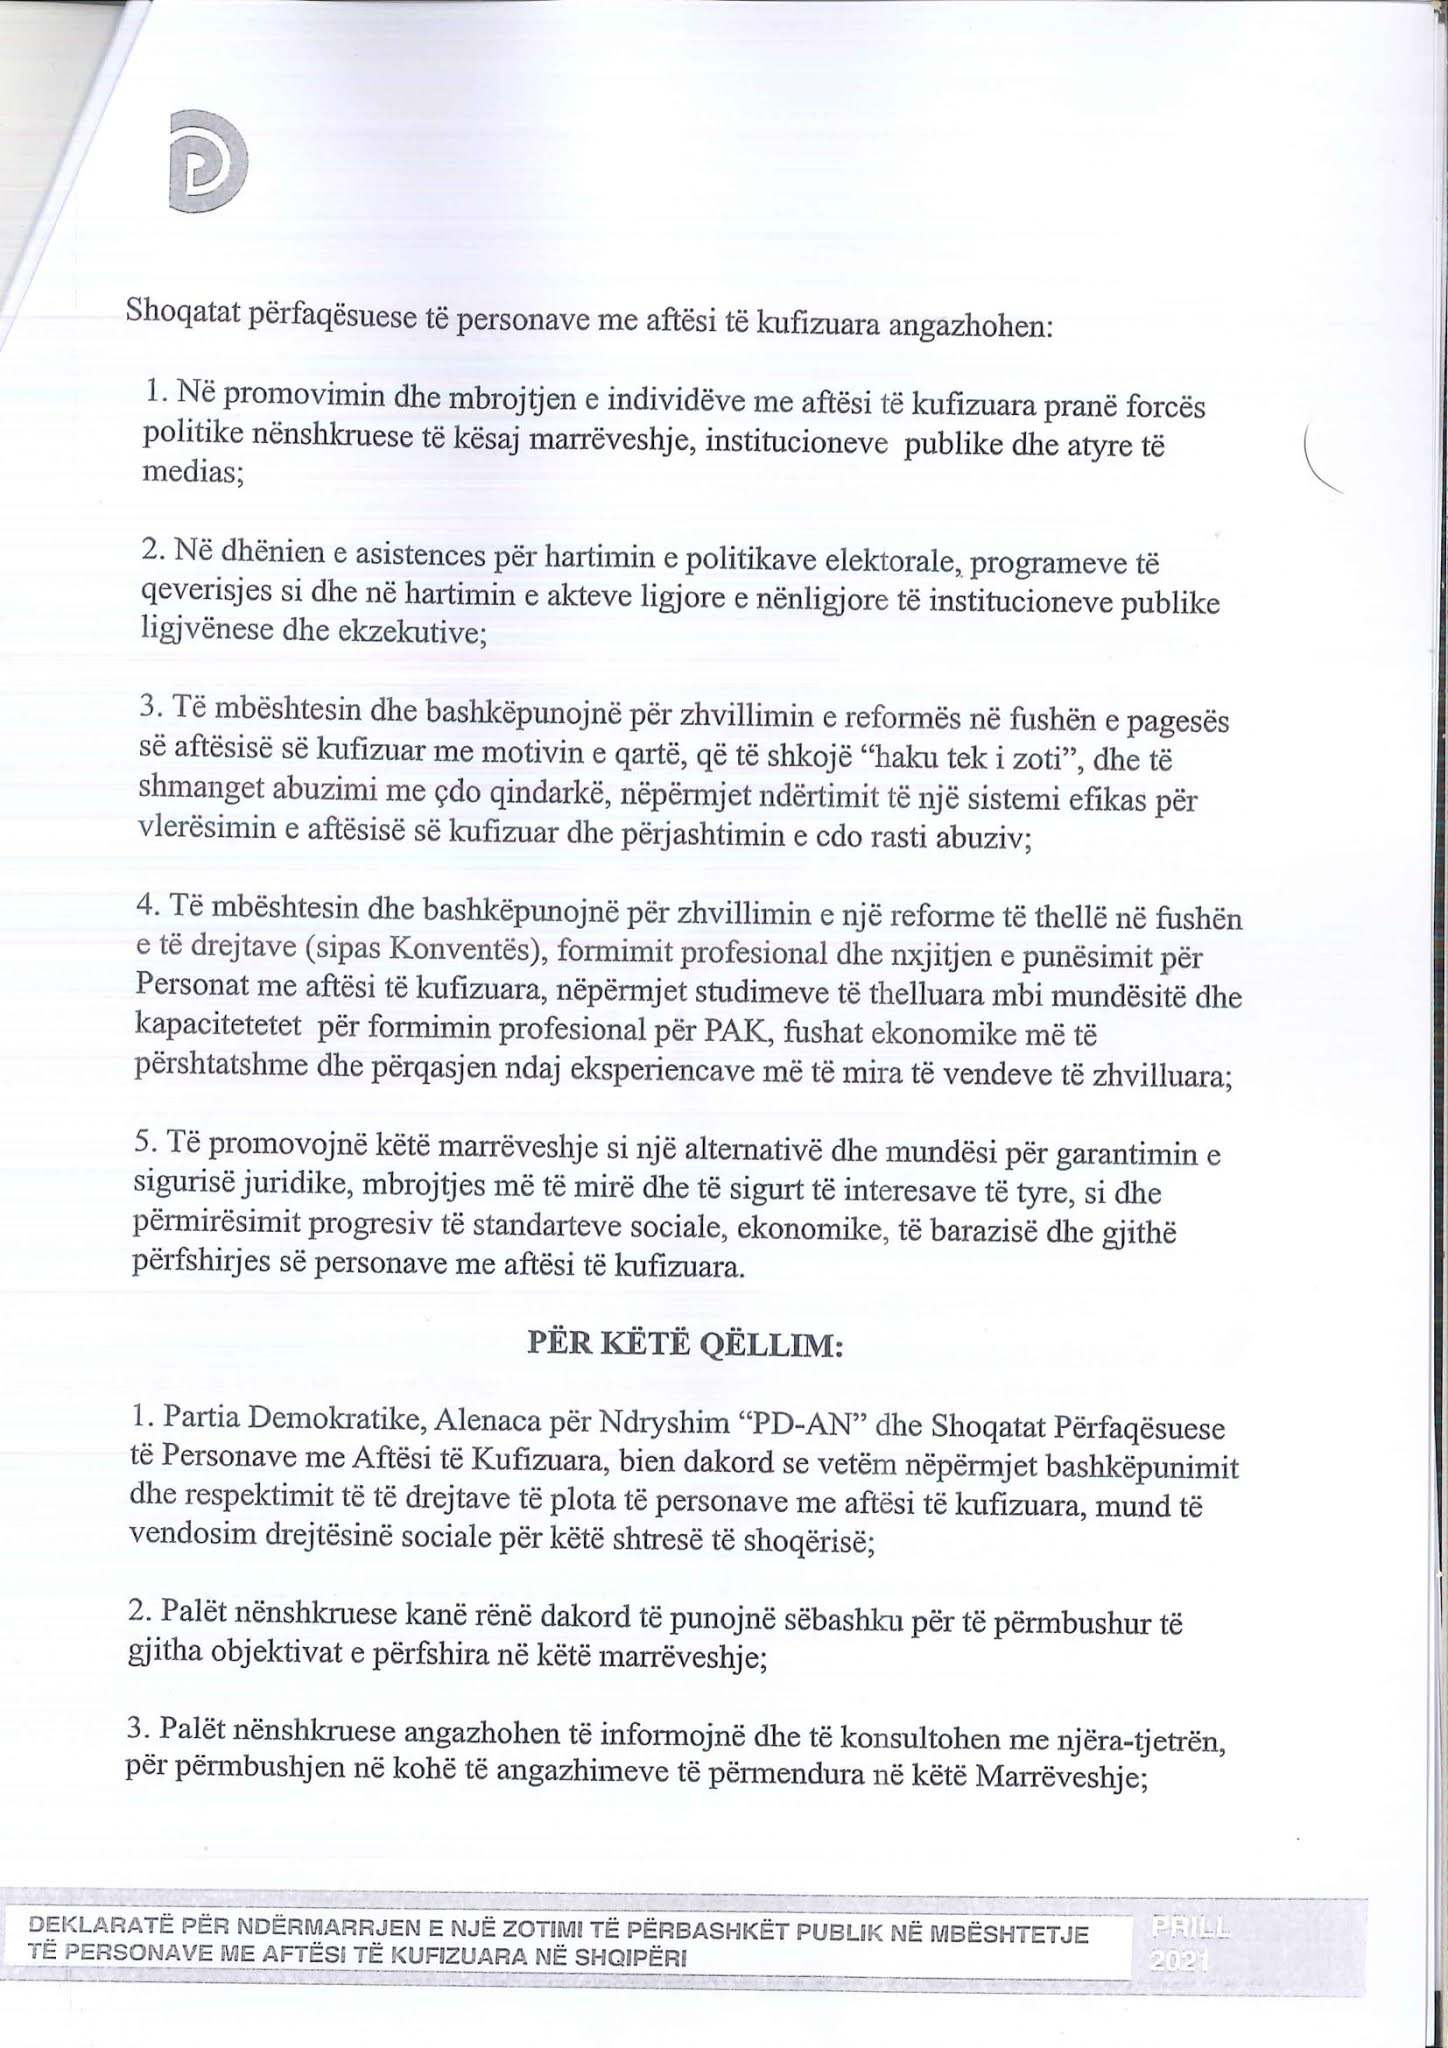 Kopje origjinale e marrëveshjes e skanuar faqja 6